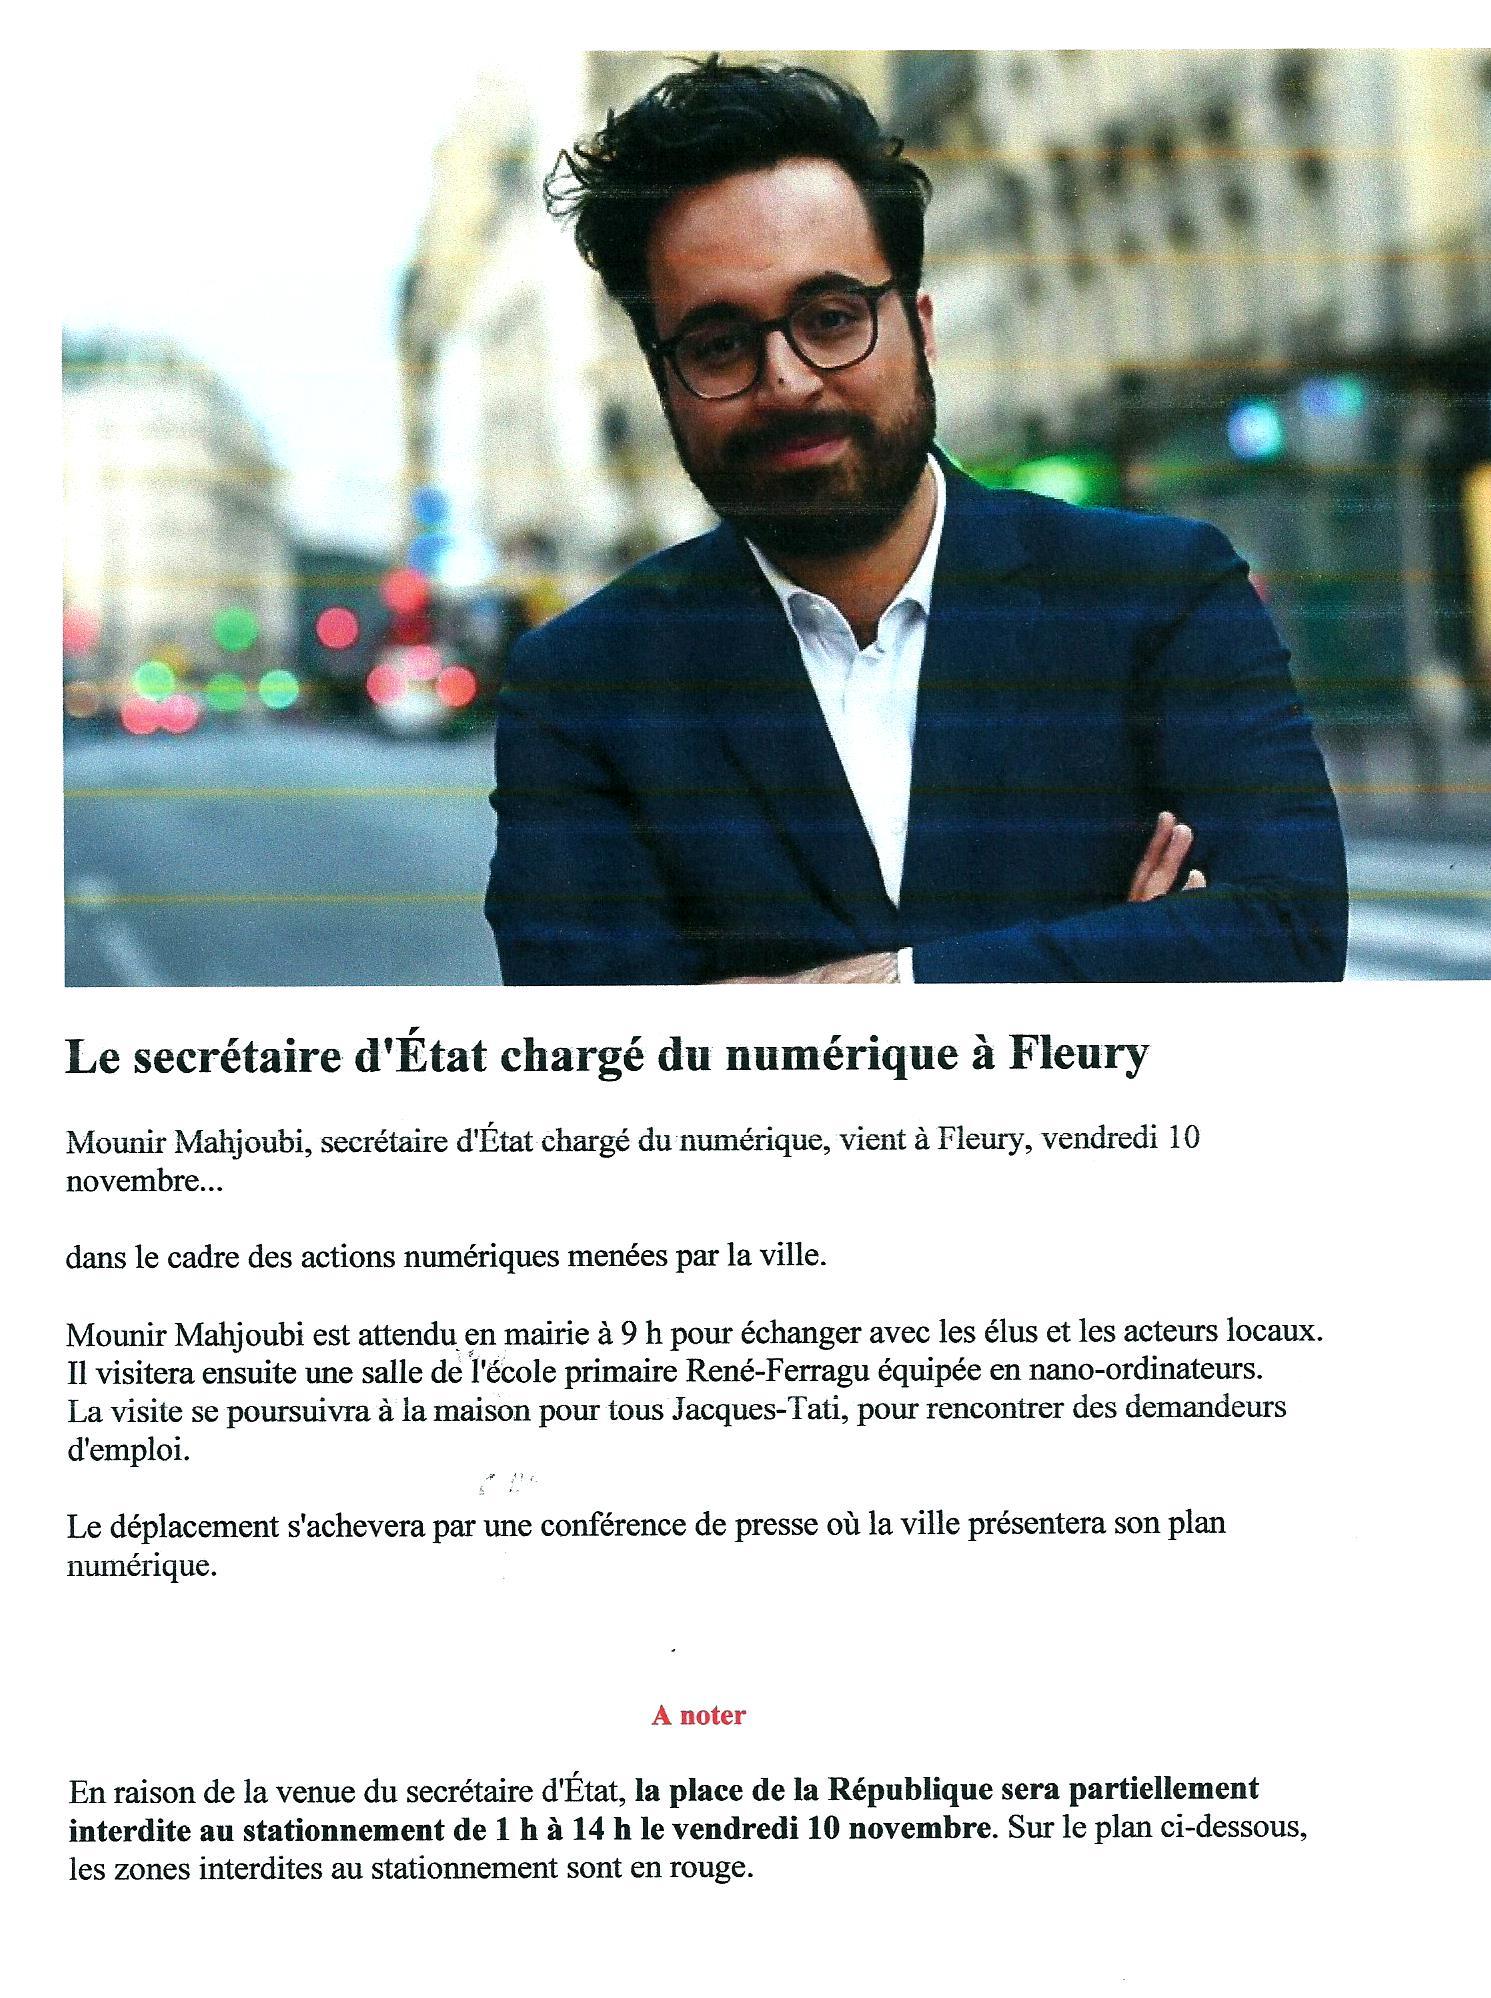 Scan Le Secrétaire d'Etat chargé du numérique à Fleury N°1 2017.jpg